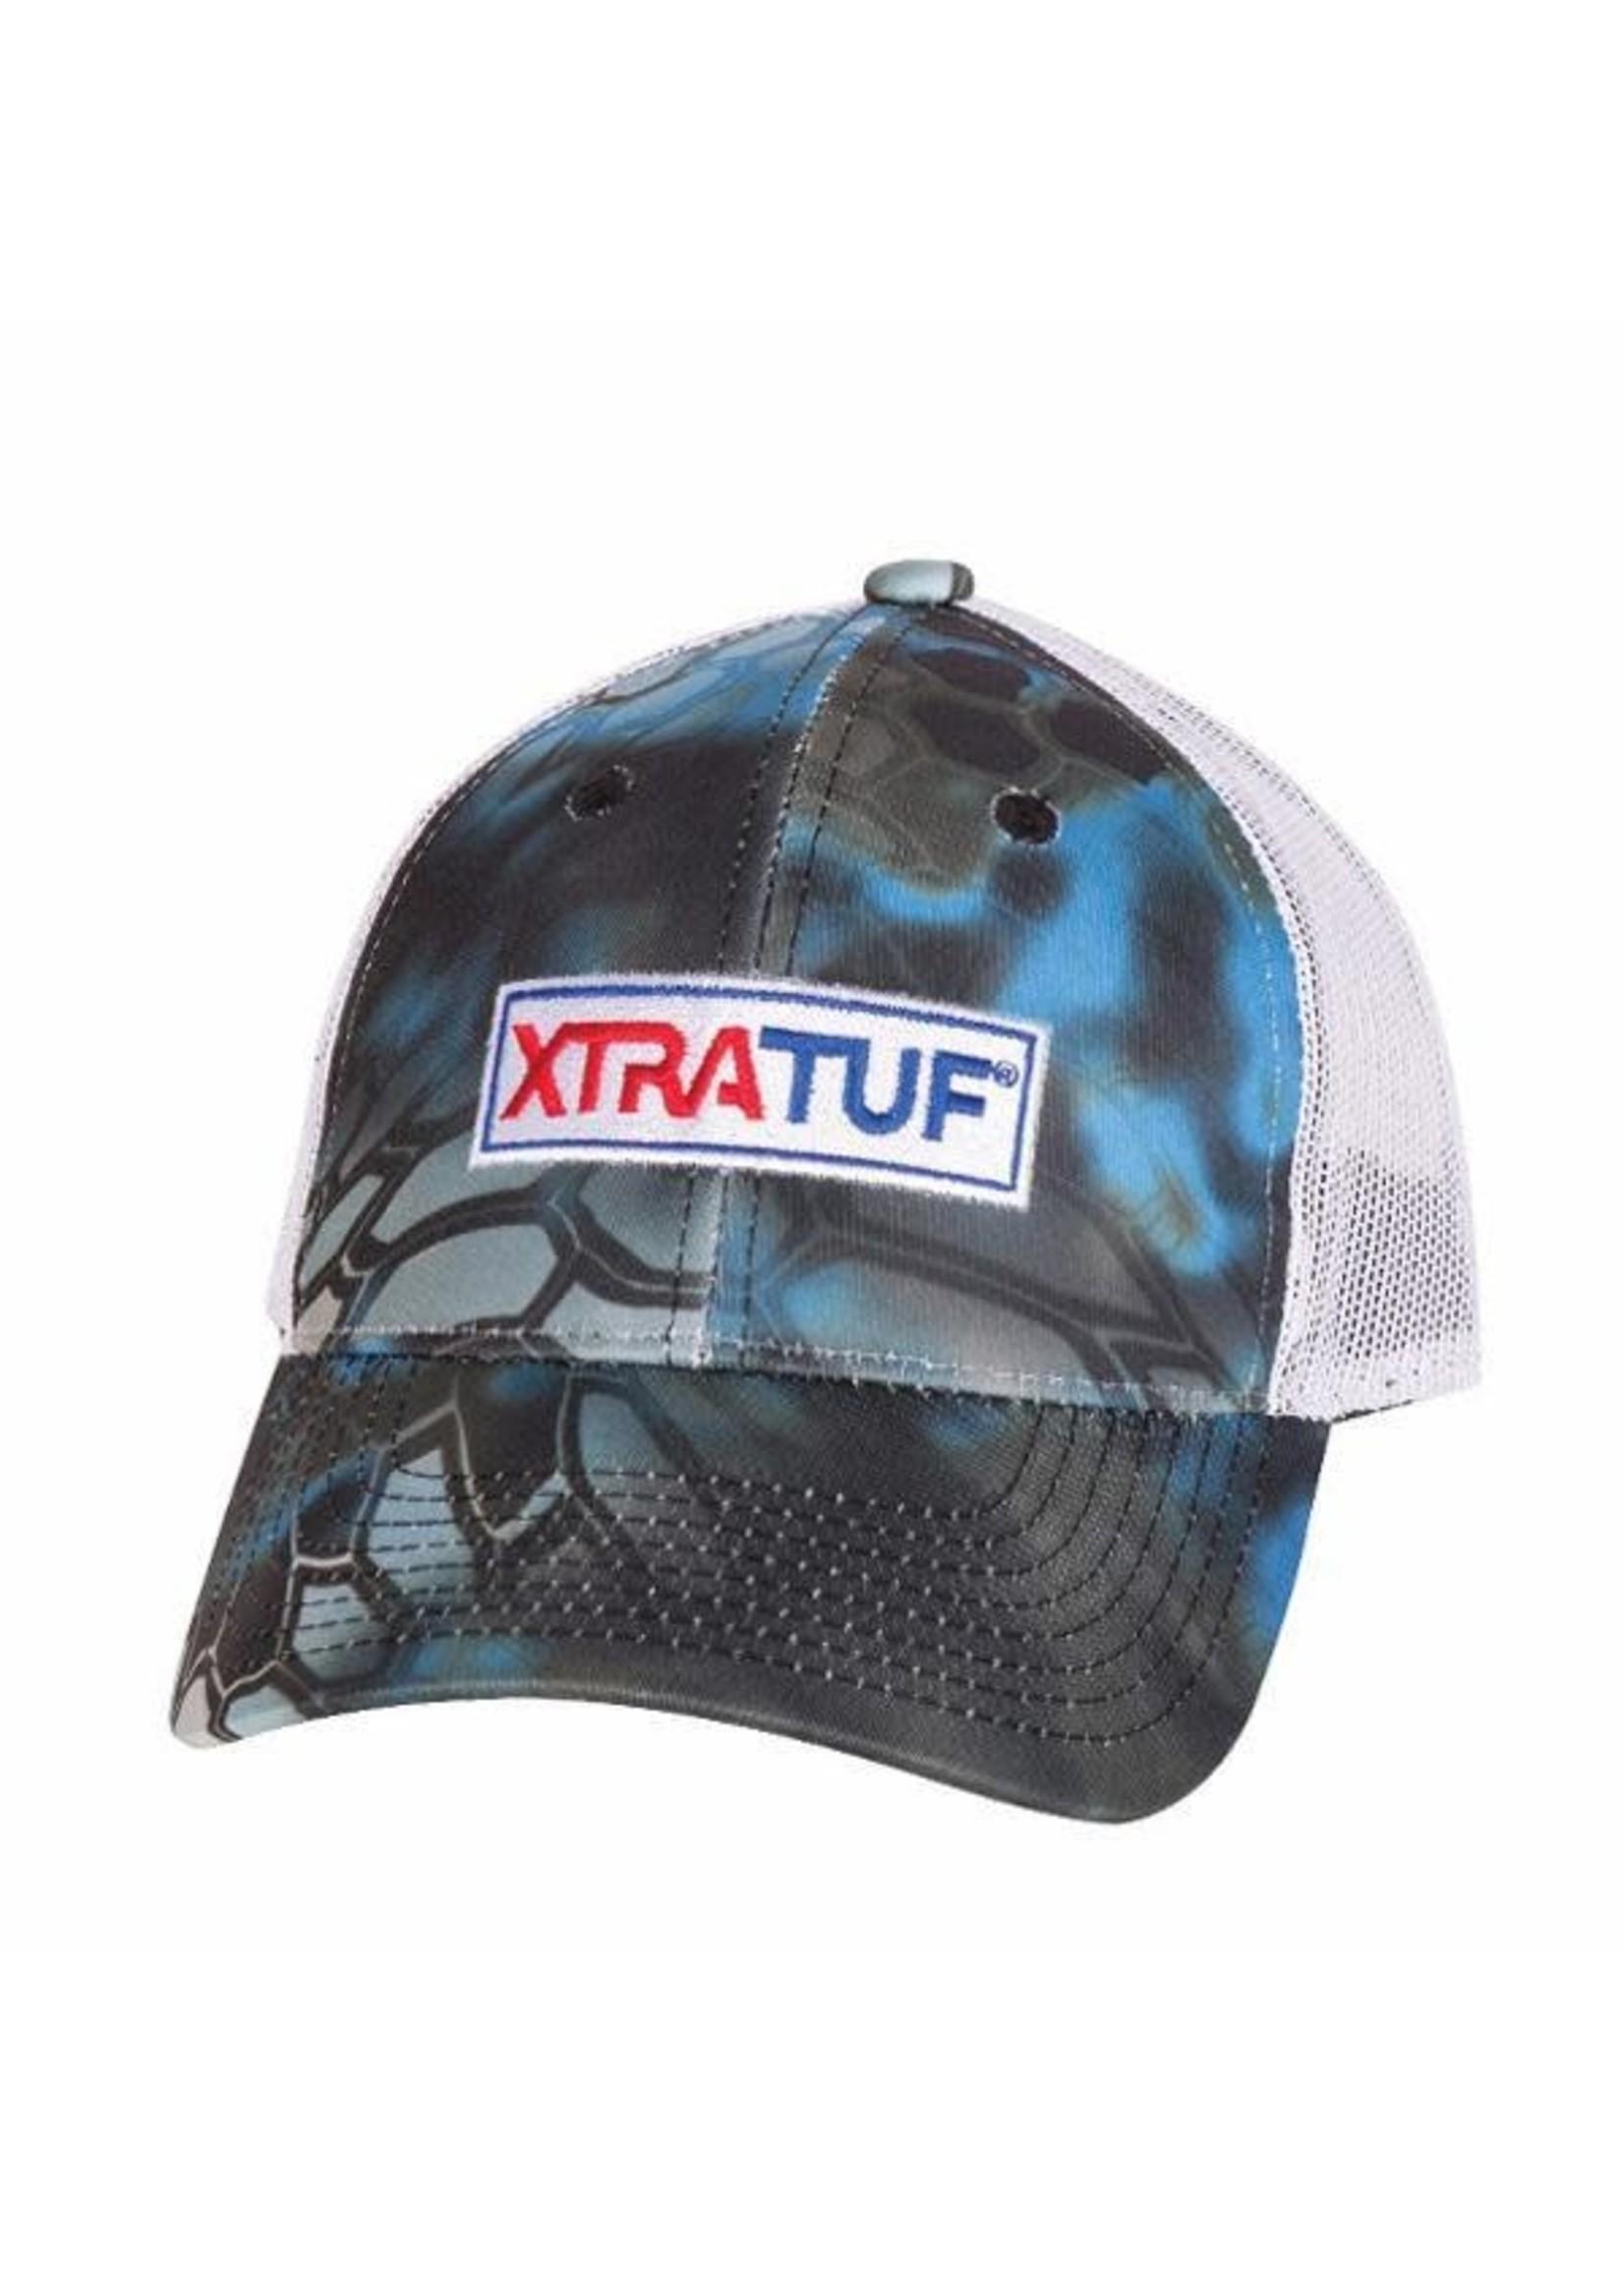 XTRATUF Xtratuf Kryptek Ankle